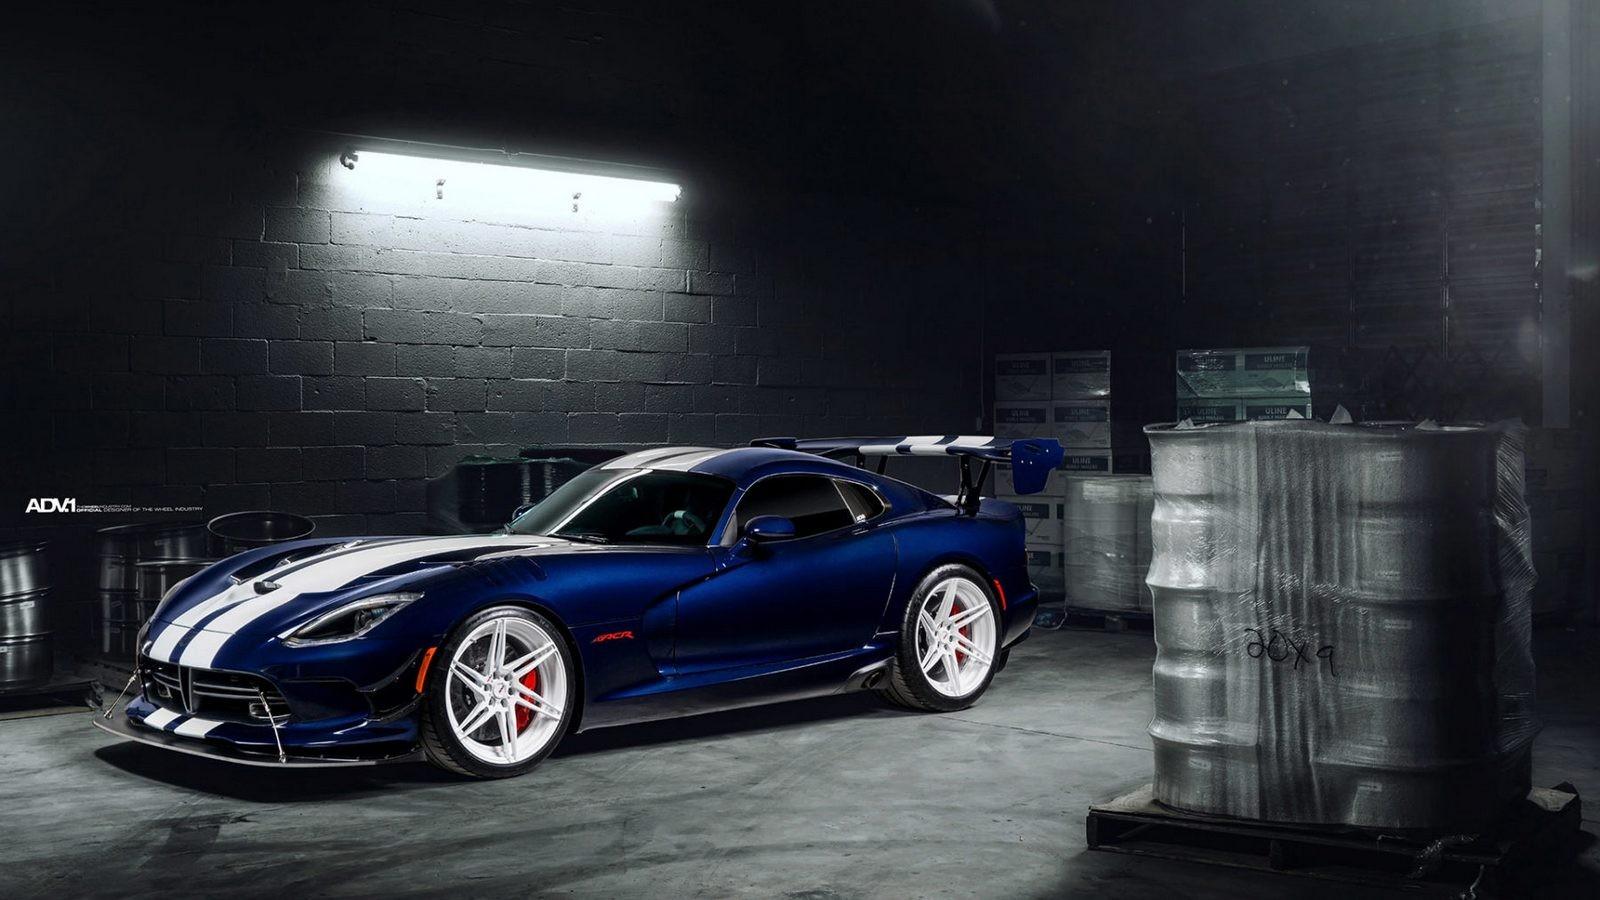 blue-dodge-viper-arc-white-rims-adv1-6-3